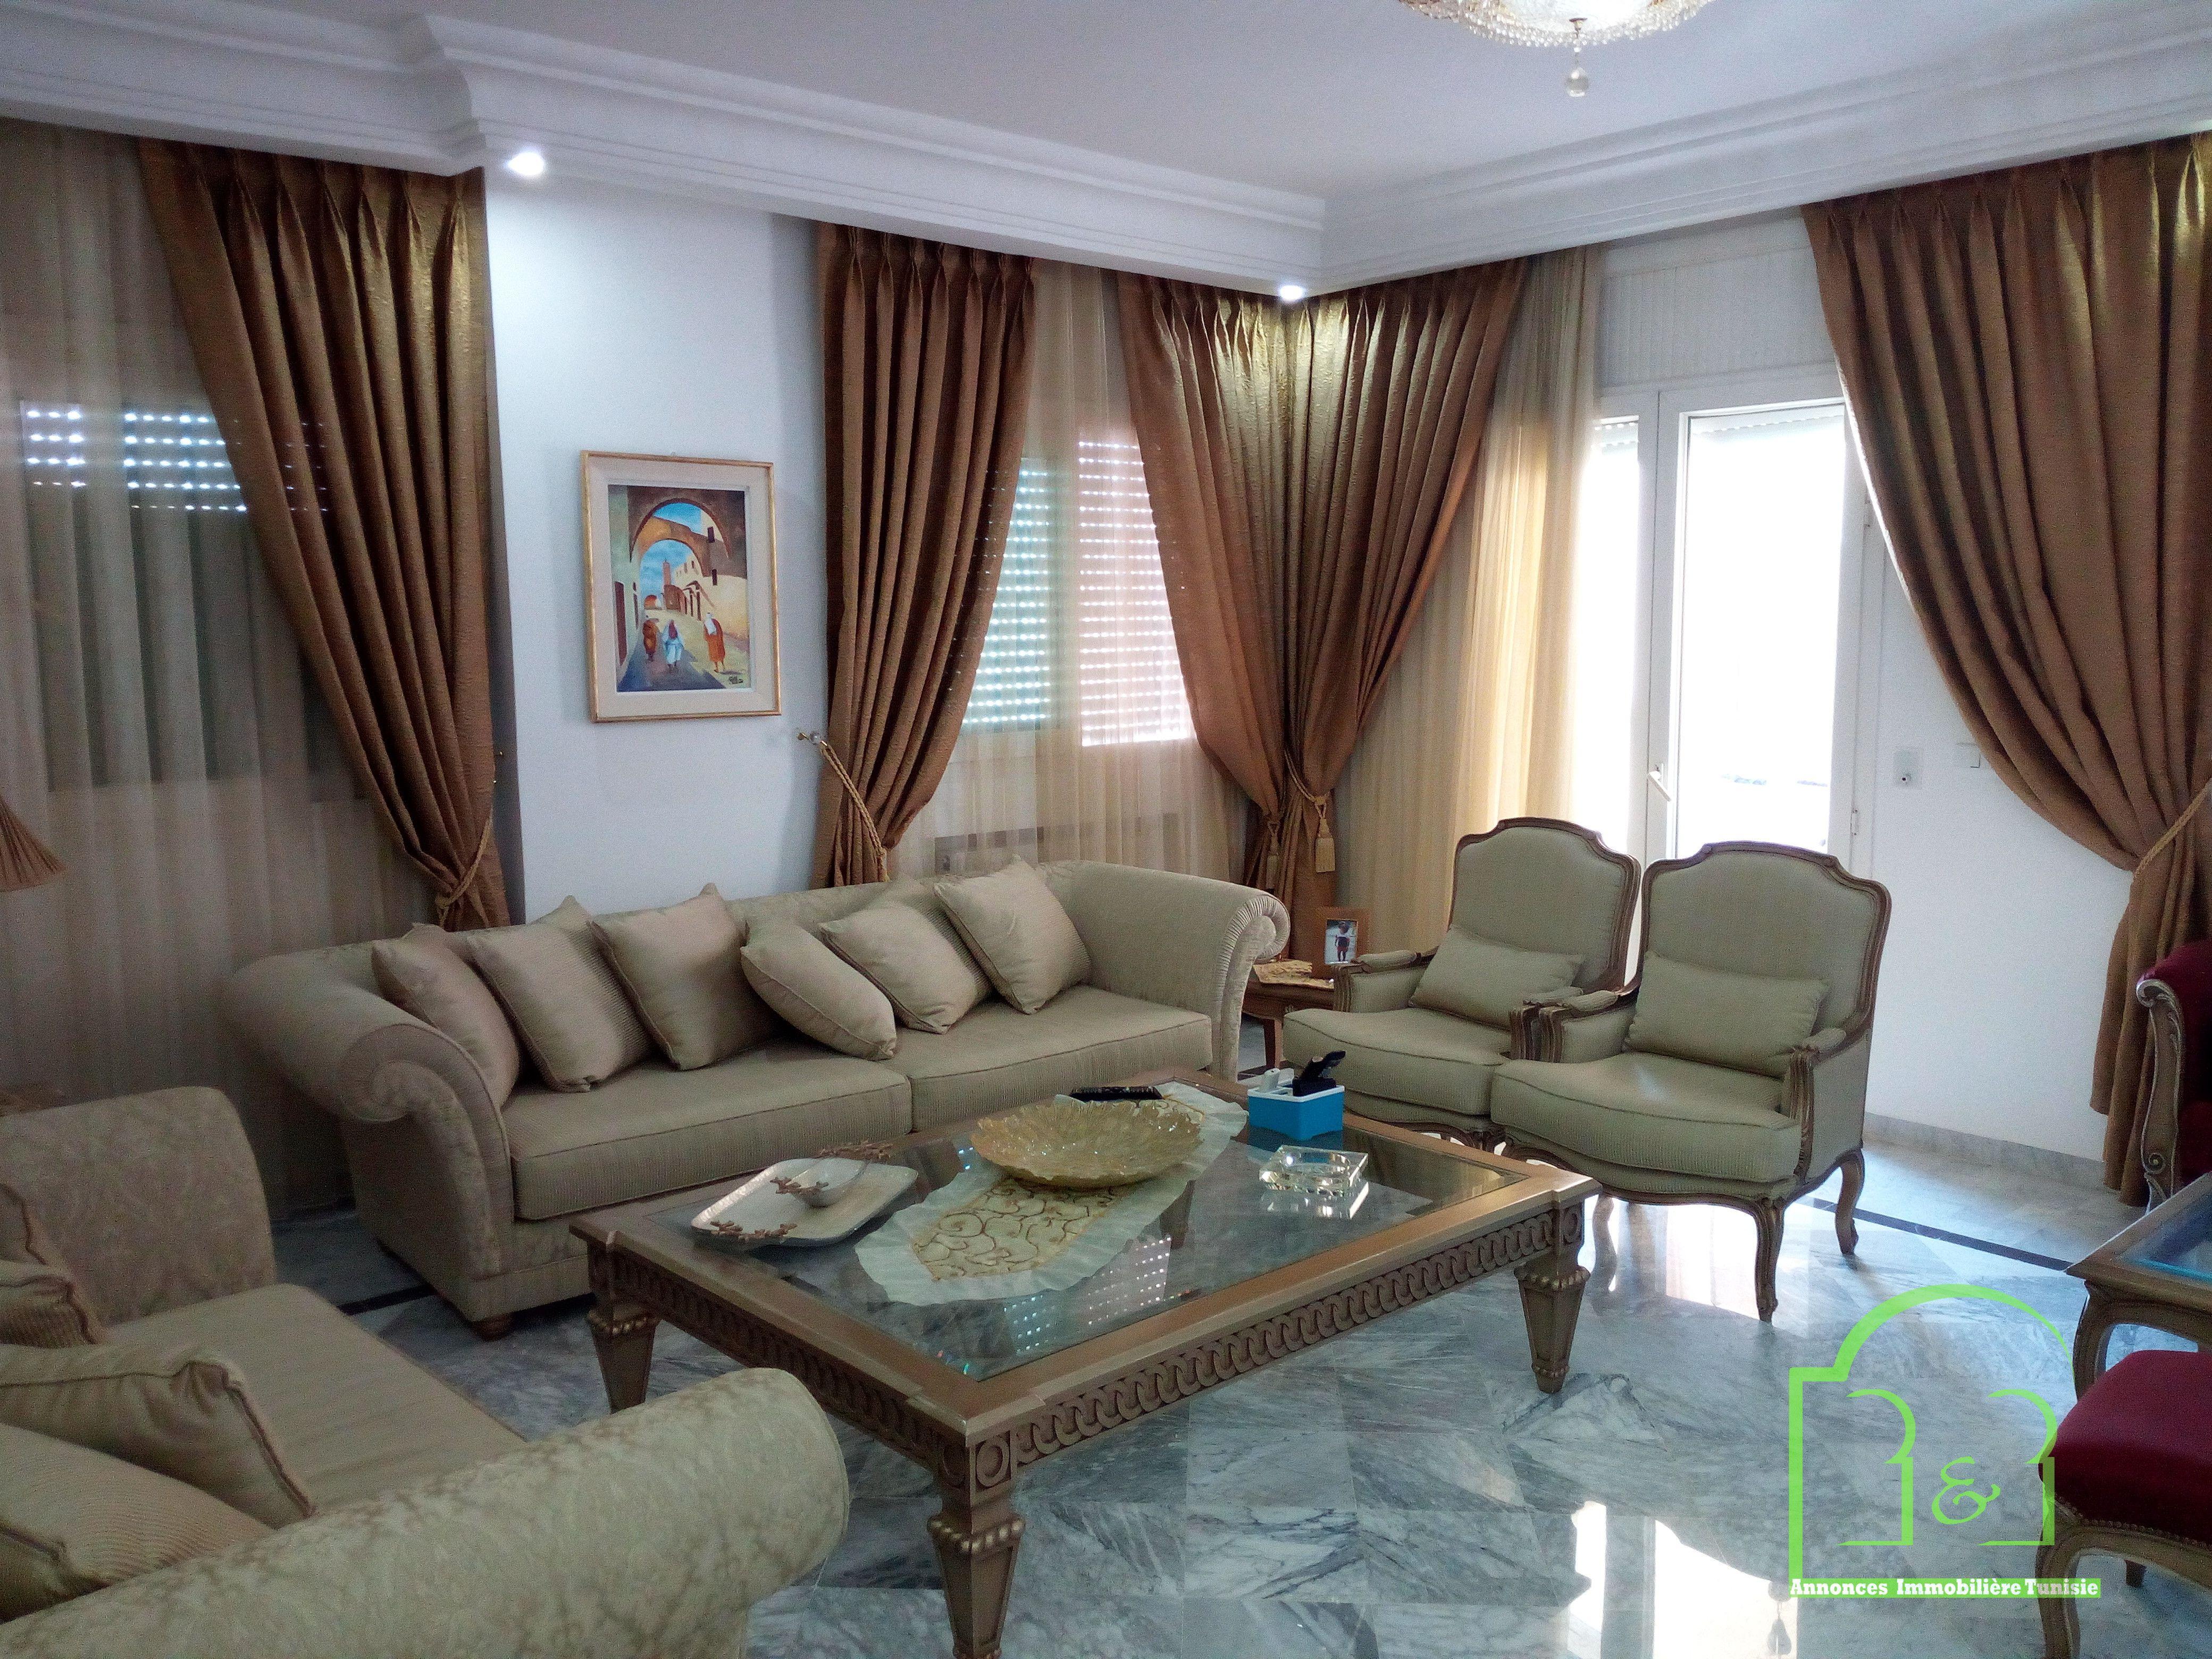 À Vendre à Ariana Appart Lux S3 Spacieux Bnb Tunisie Colorful Apartment Decor Room Decor Apartment Decor